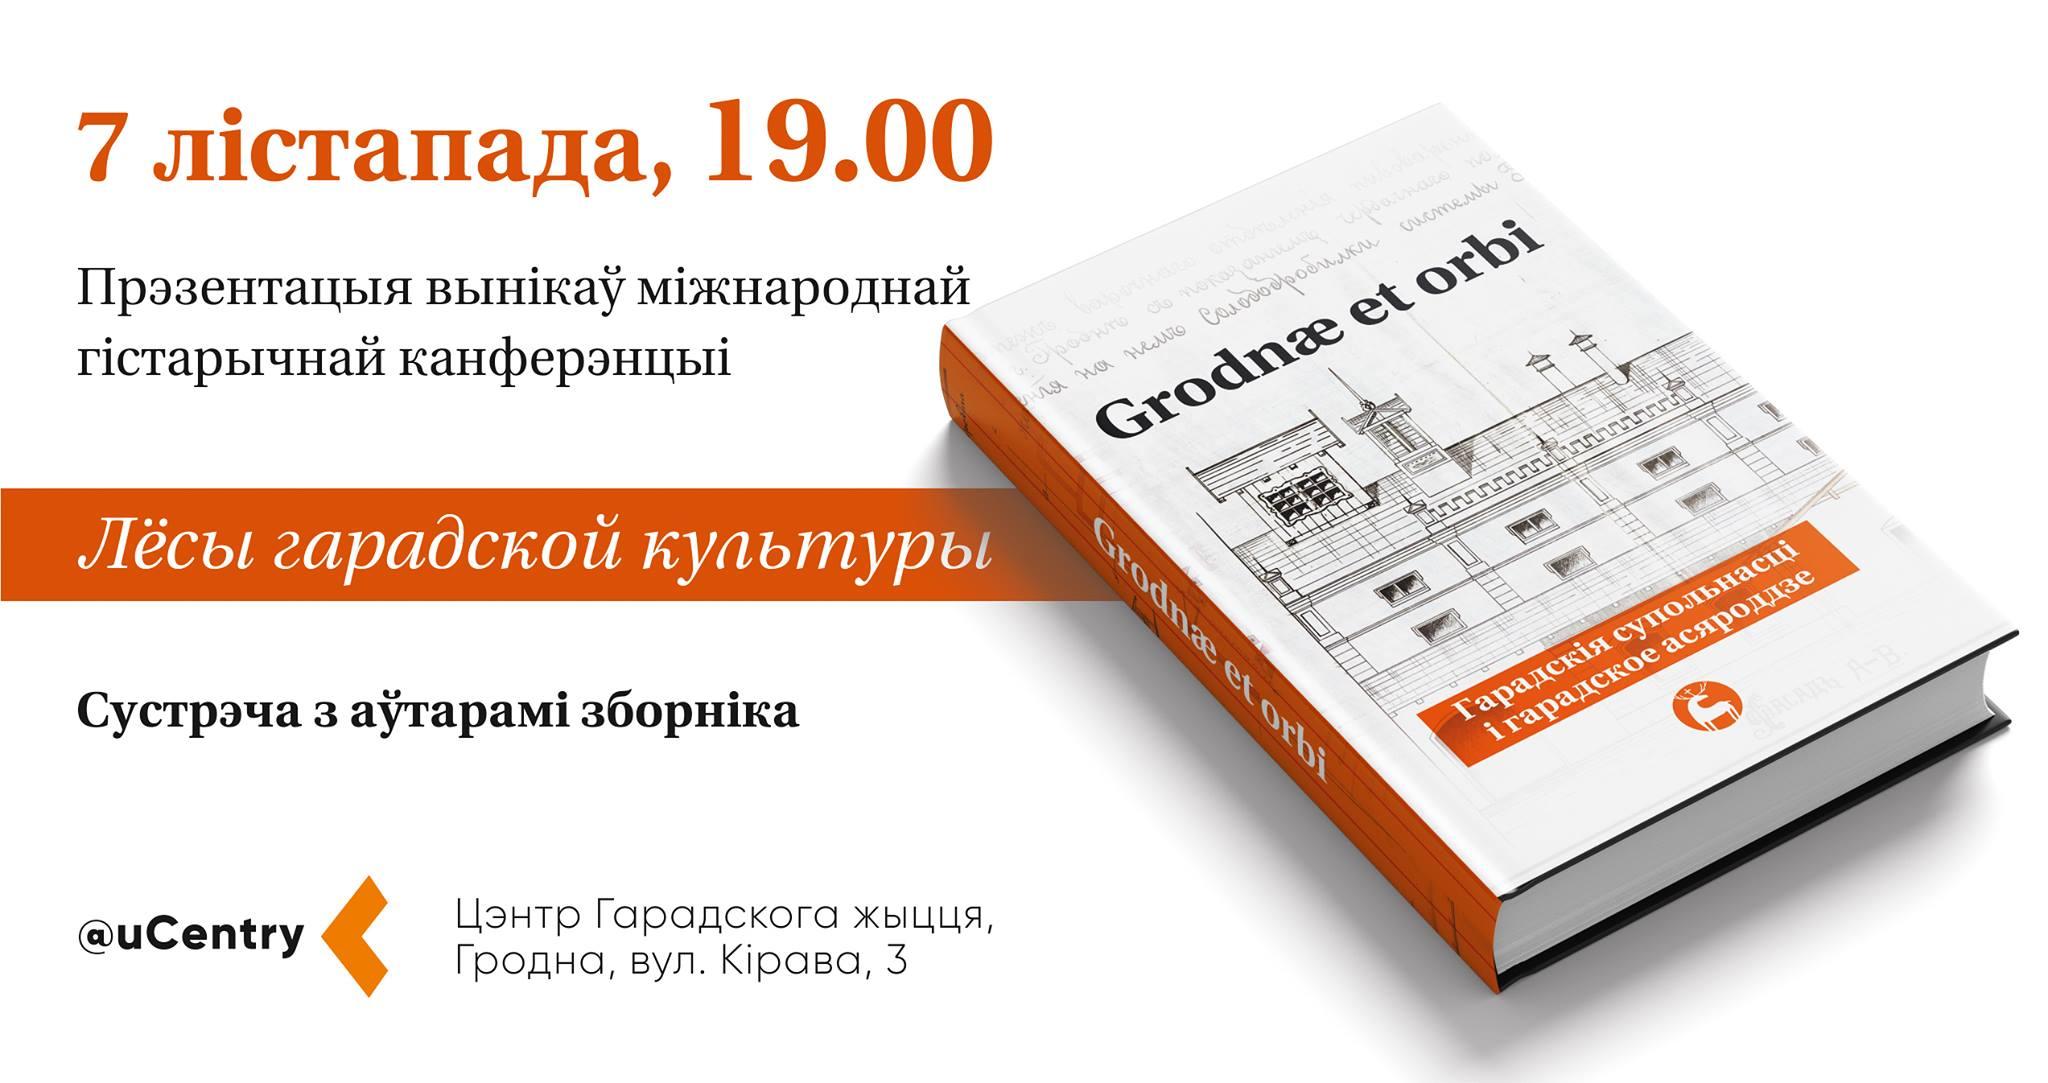 Прэзентацыя вынікаў міжнароднай канферэнцыі даследчыкаў Гродна